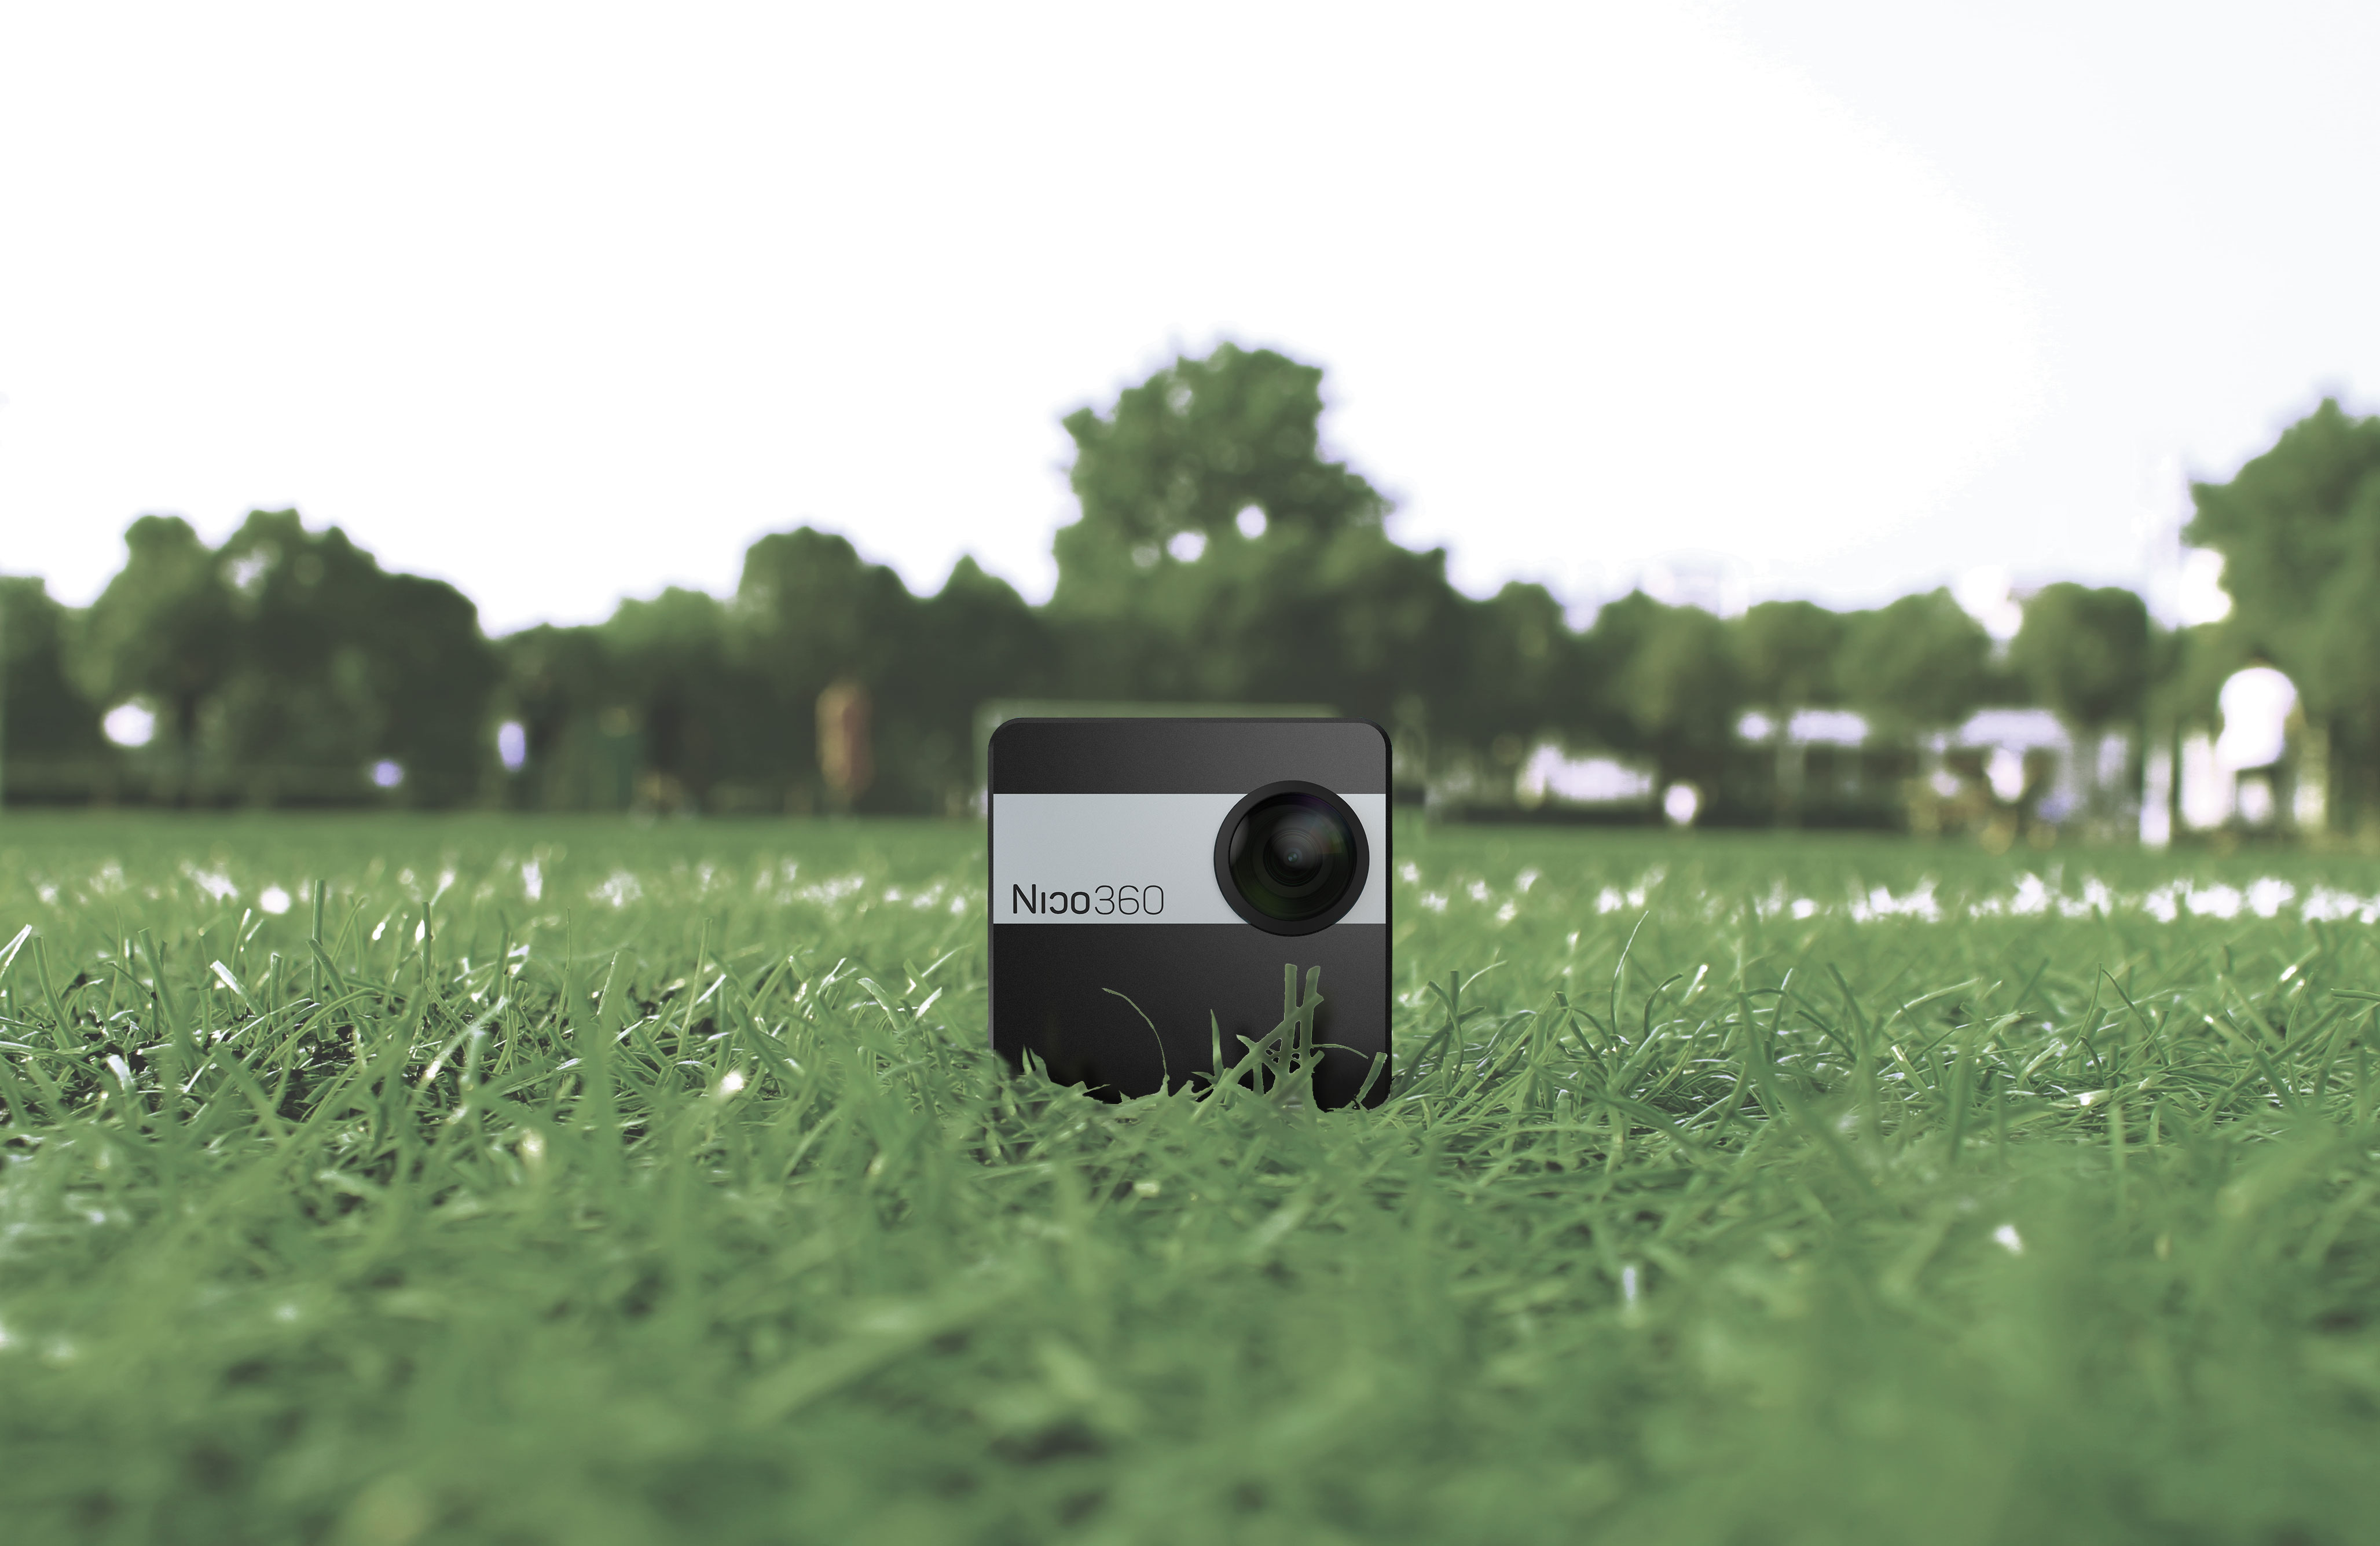 Nico360 - outside